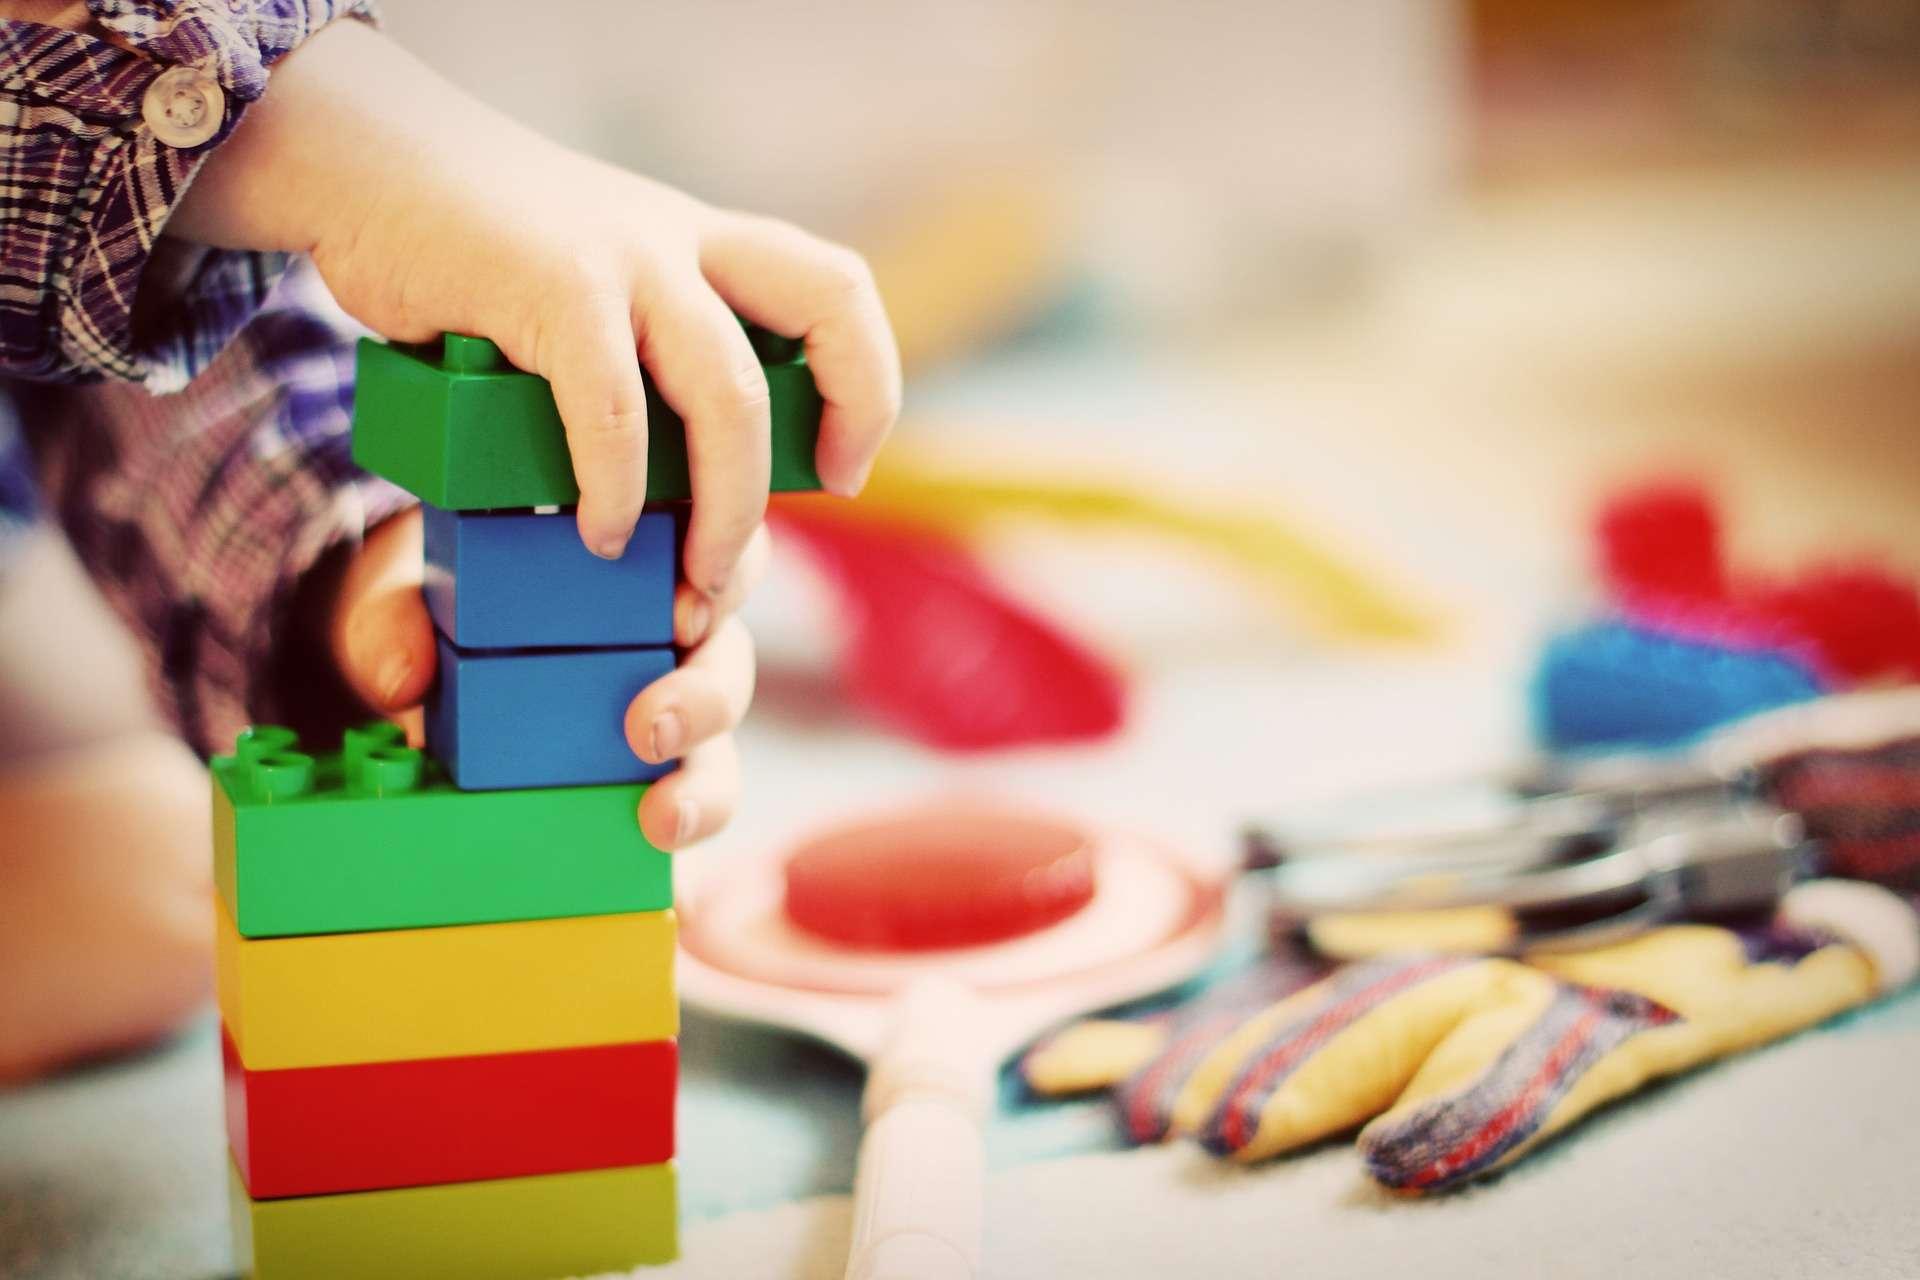 Certains composés plastiques présents dans les jouets pour enfants sont retrouvés dans leur sang et leur urine. © Esi Grünhagen, Pixabay